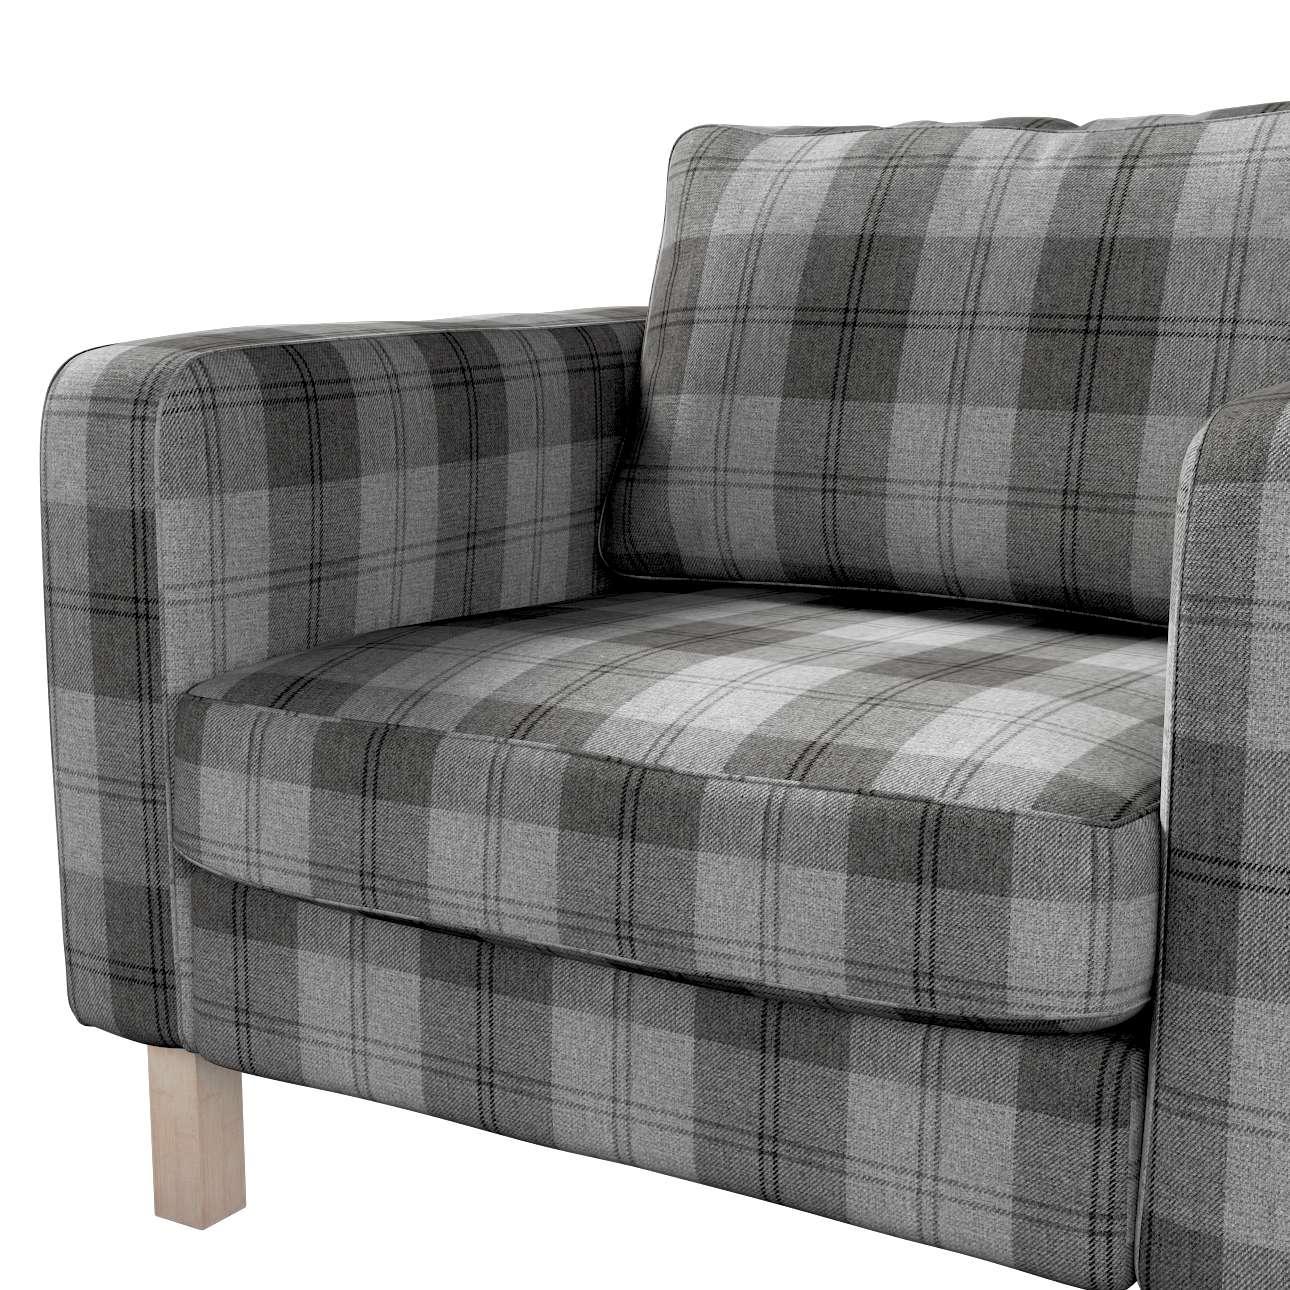 Karlstad päällinen nojatuoli mallistosta Edinburgh, Kangas: 115-75